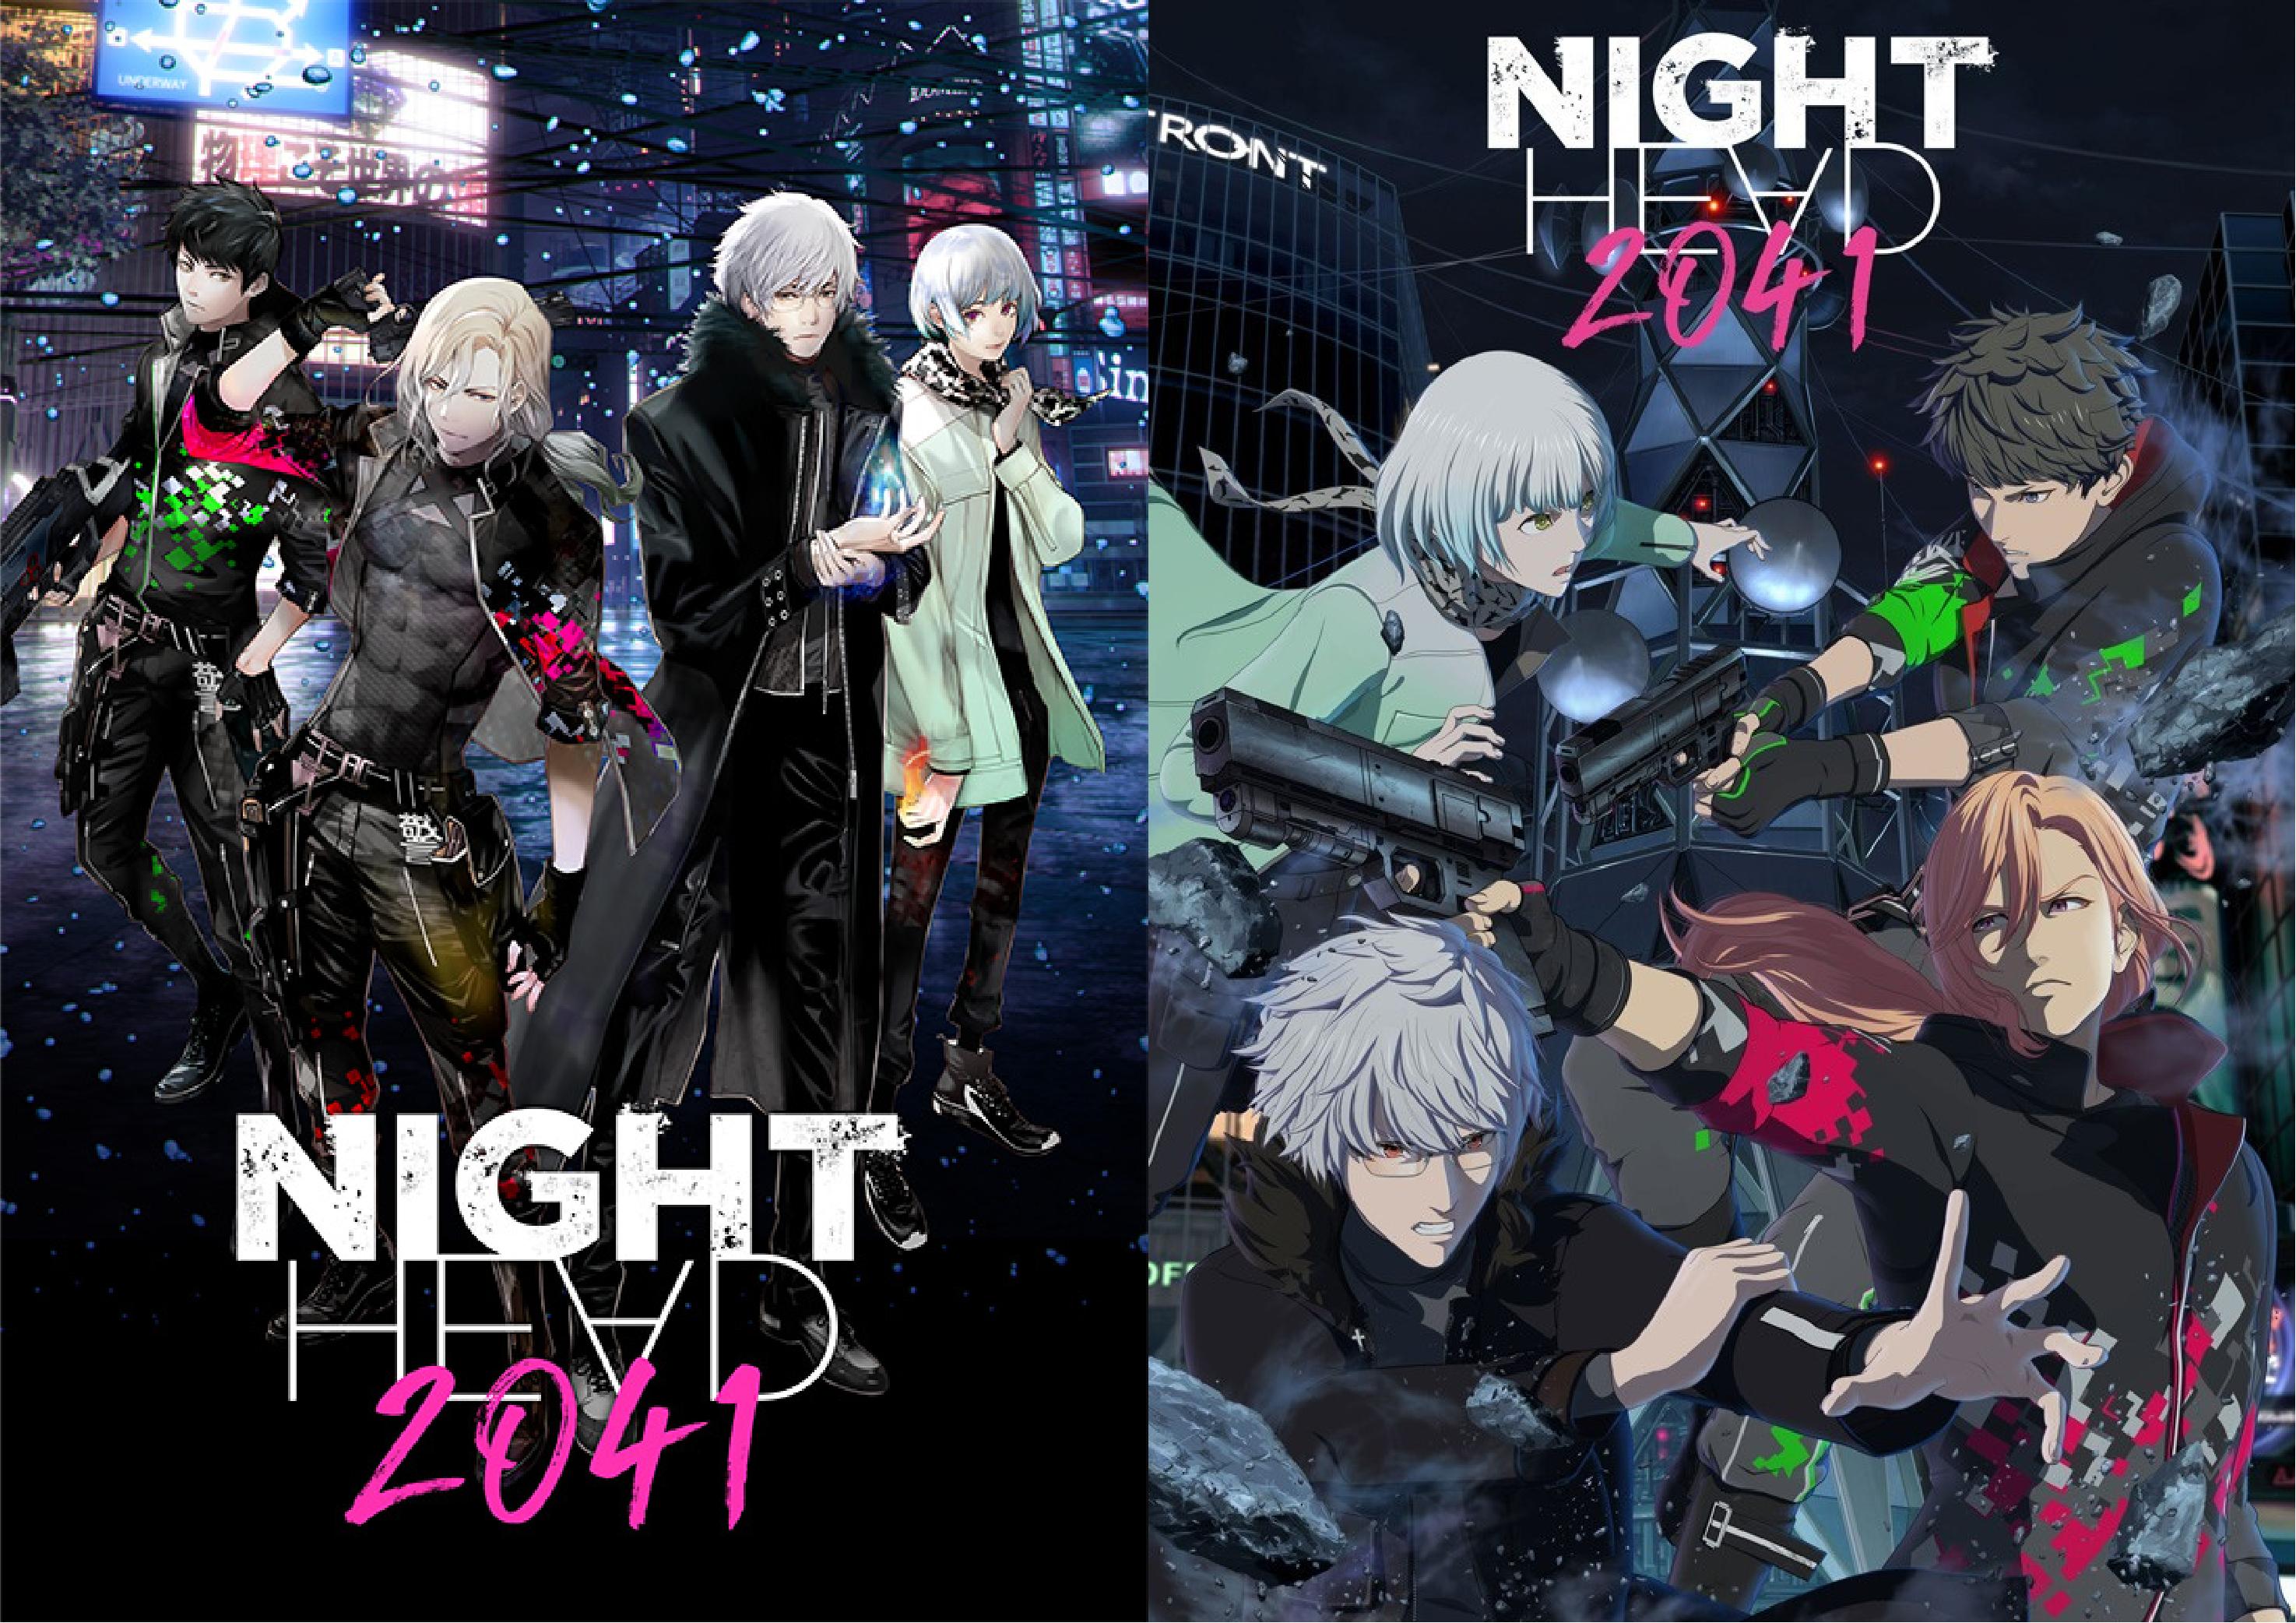 知名漫畫家大暮維人擔任角色設計 《NIGHT HEAD 2041》確定7月14日開播、公開眾多情報